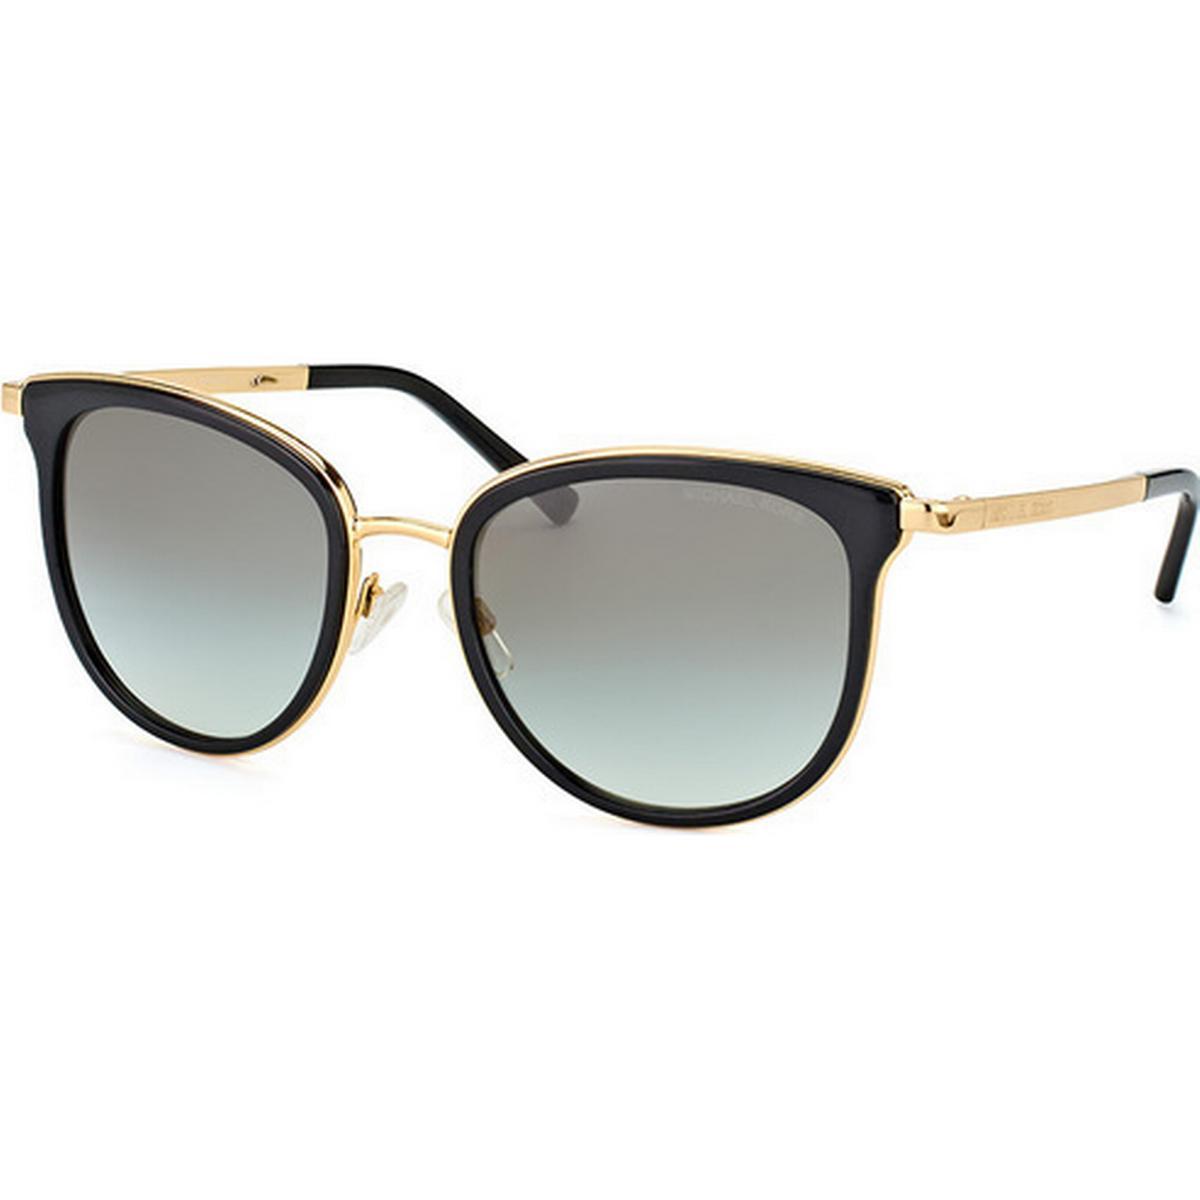 ff4202ad896d Michael Kors Solbriller - Sammenlign priser hos PriceRunner